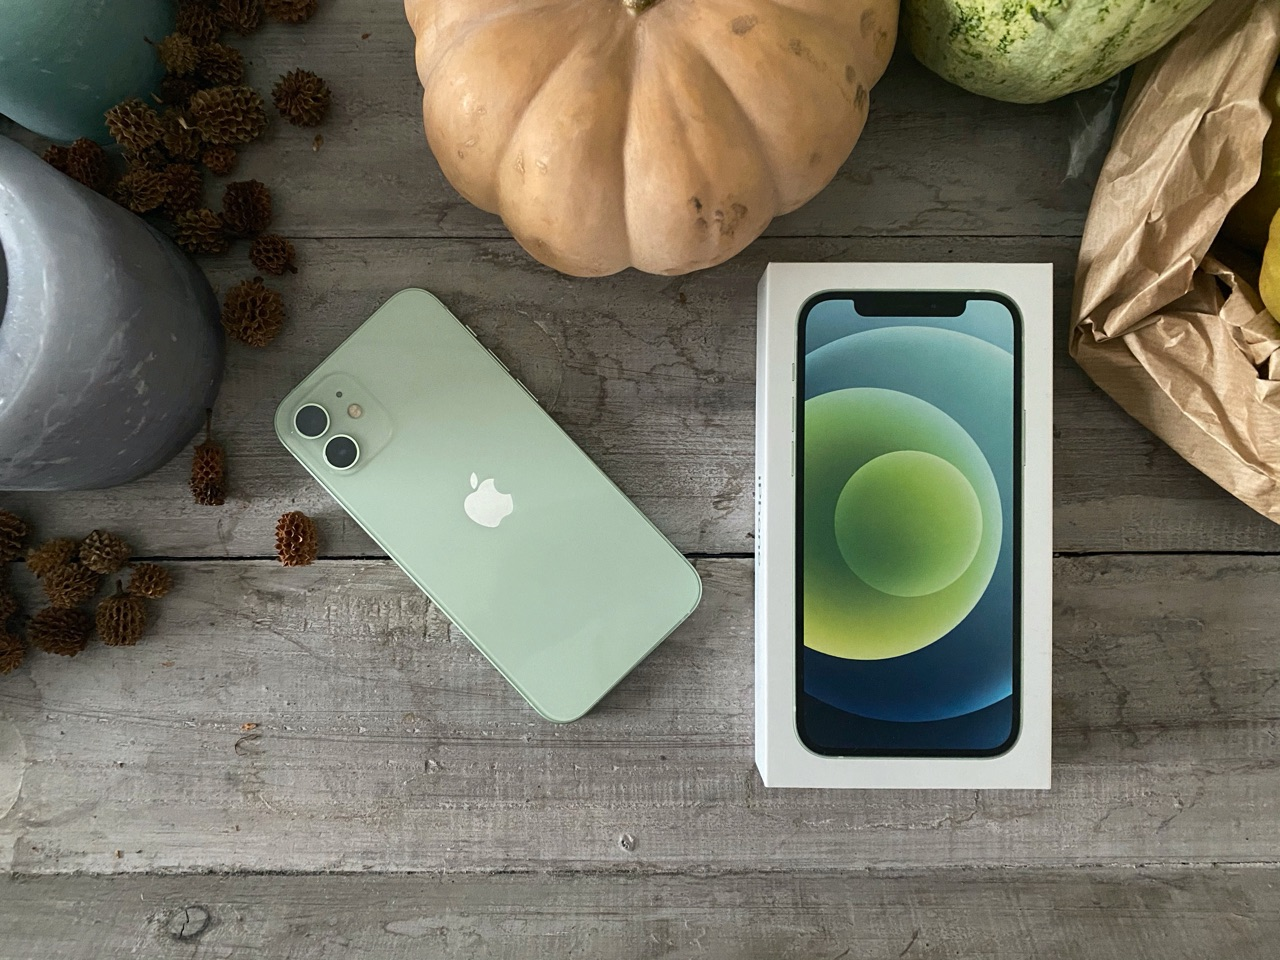 iPhone 12 review met doos.